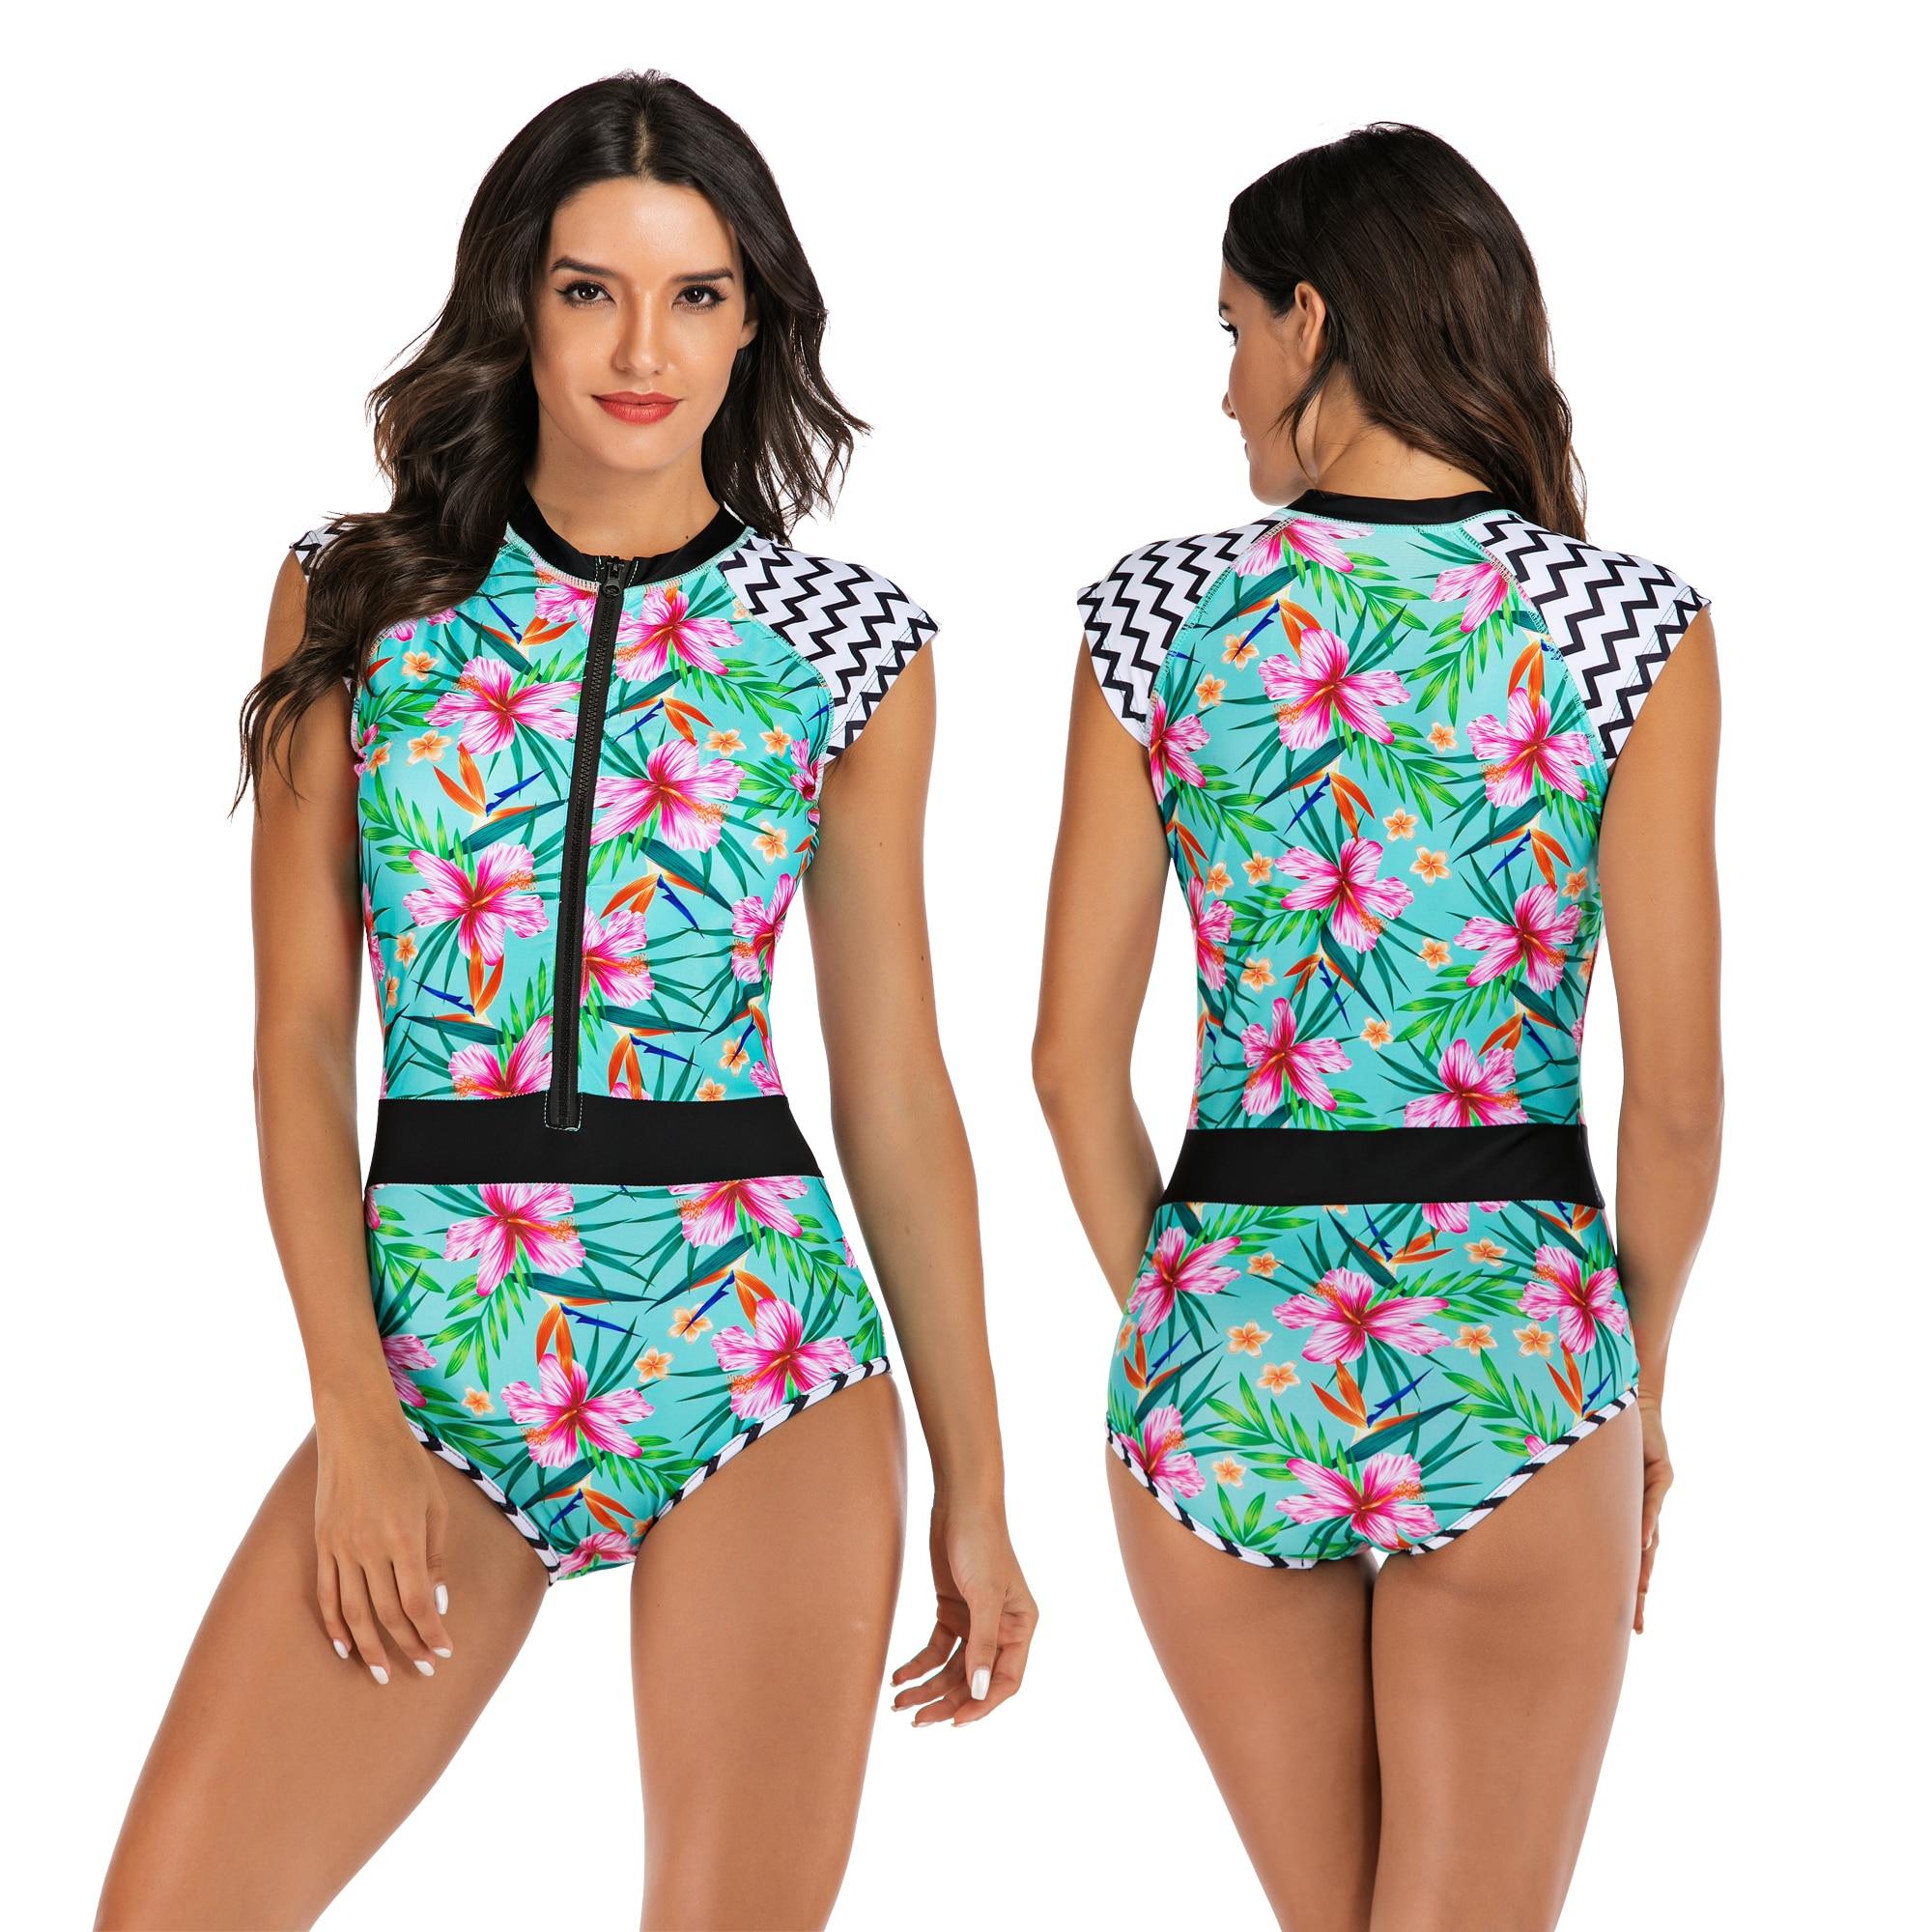 Бикини с высокой талией 2019, купальник Mujer, Женская леопардовая одежда для плавания, женский купальный костюм из 2 частей, комплект бикини, вин... 20